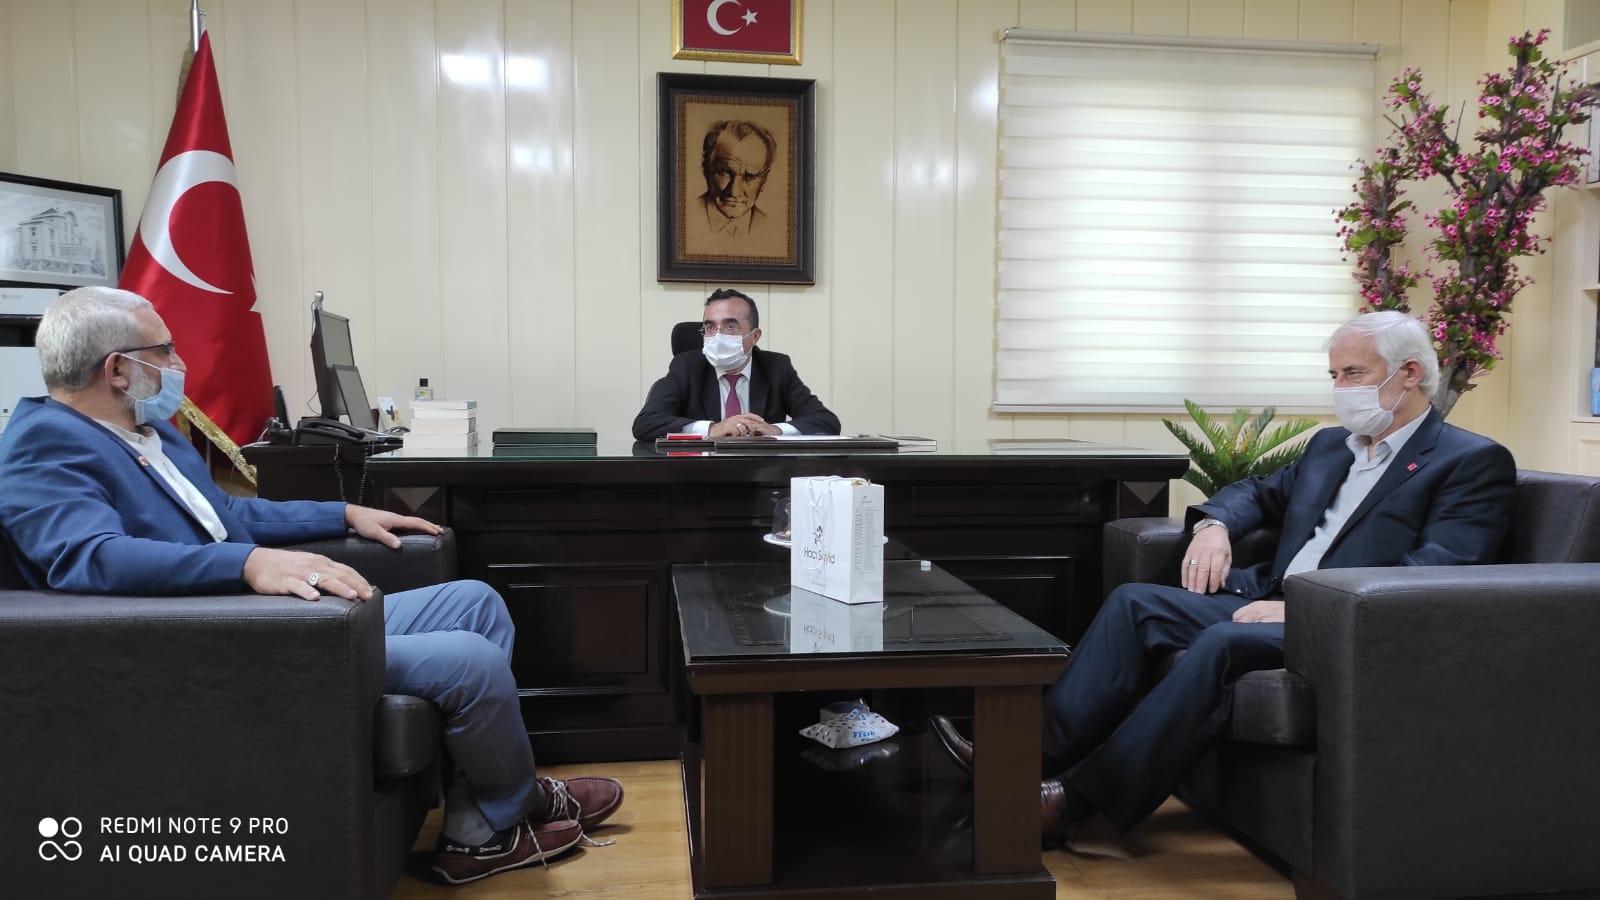 Güngören Saadet Partisi, Ferhat Öztürk'e Eğitim yılı hayırlı olsun dedi